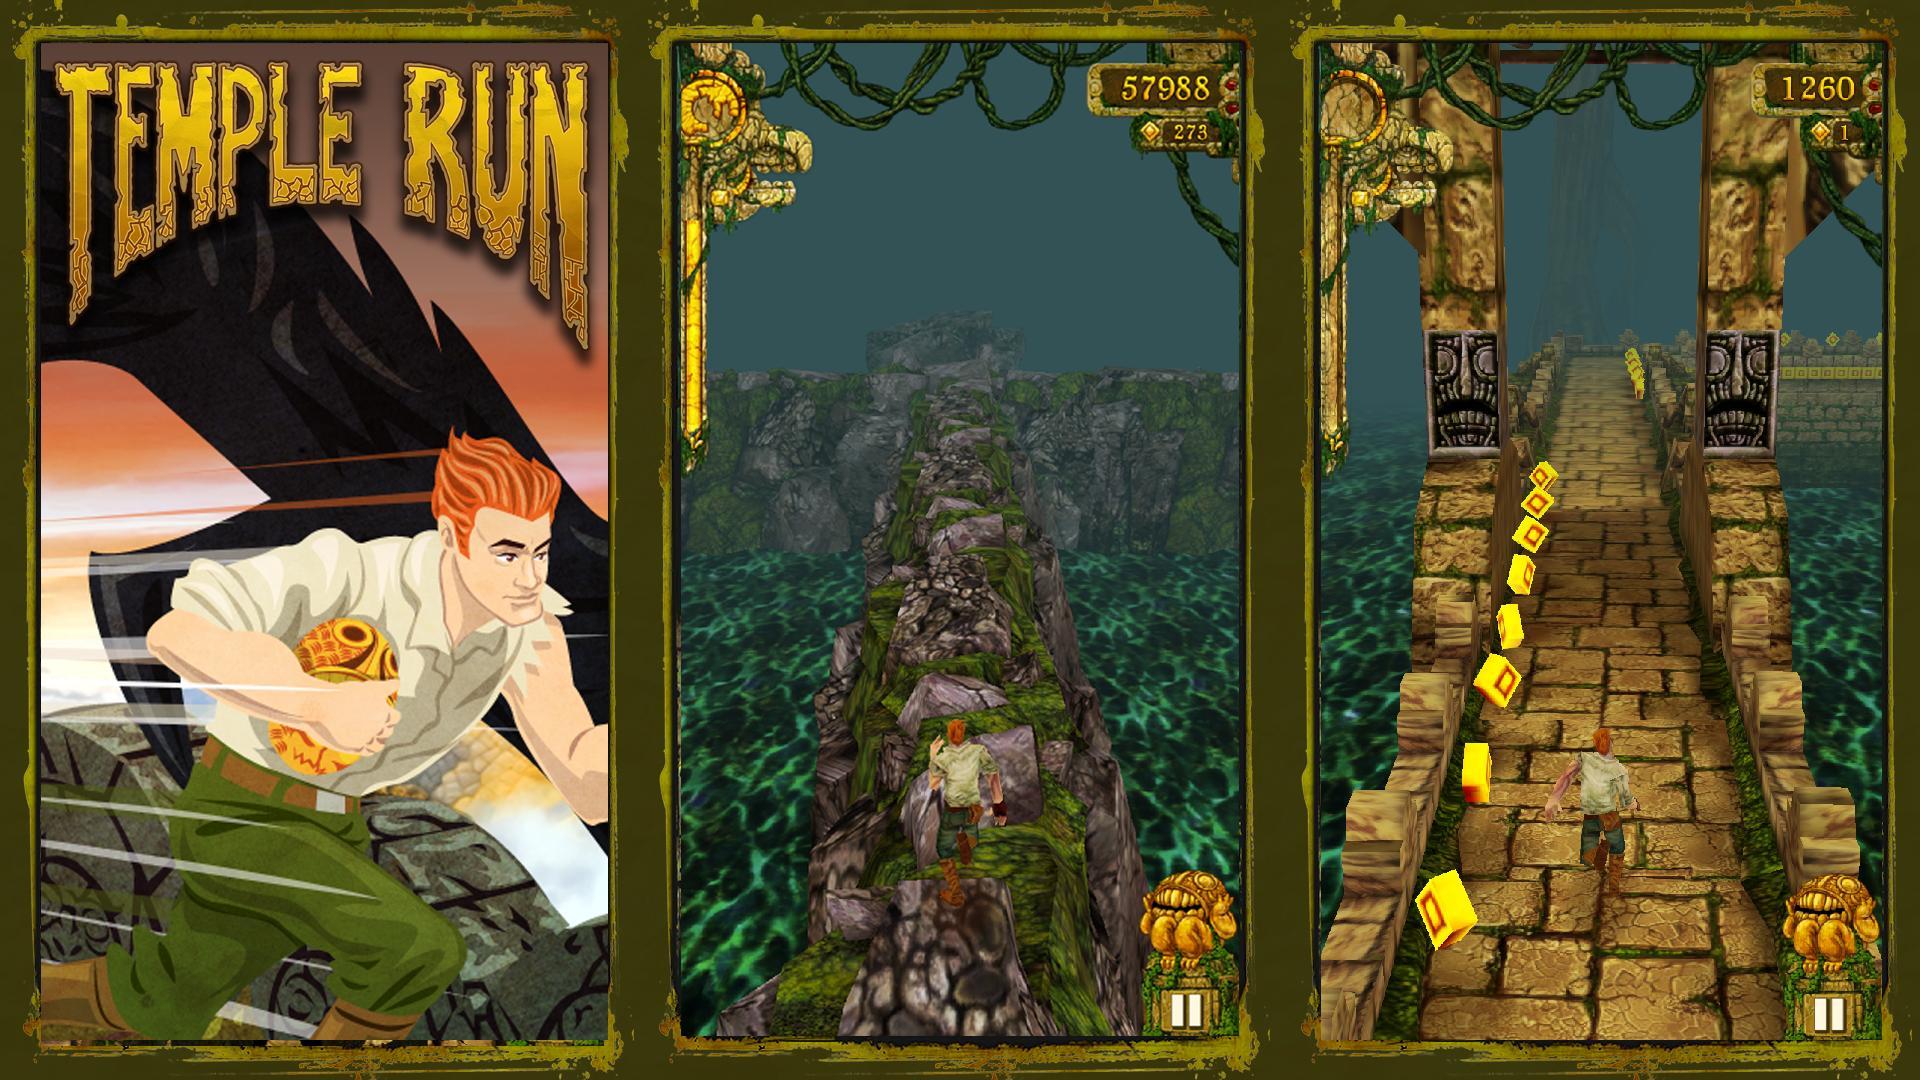 скачать игру андроид temple run